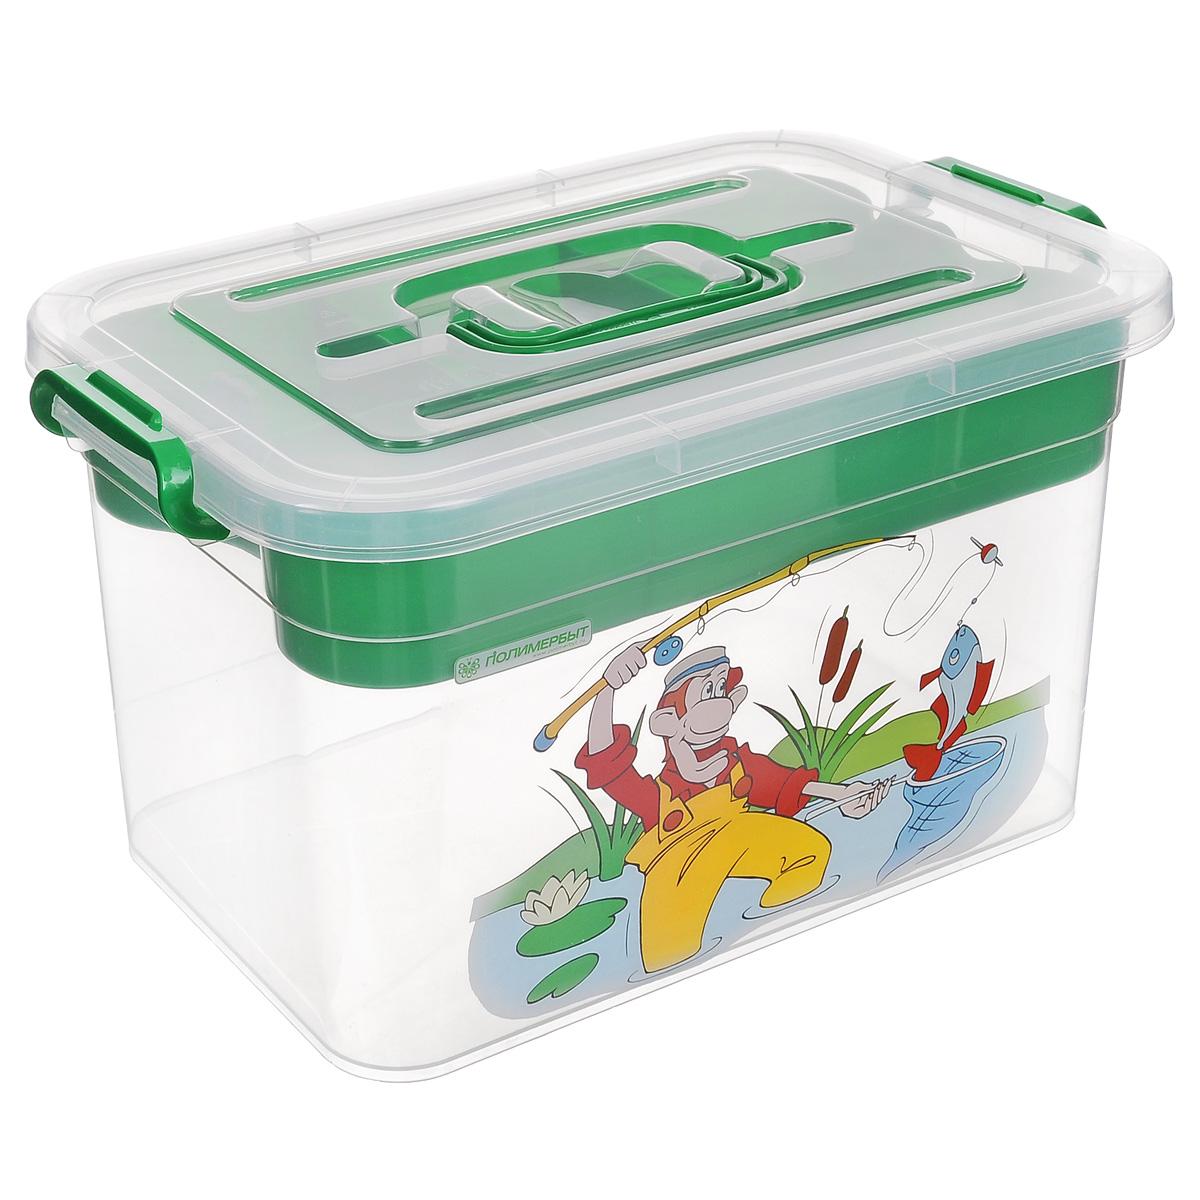 Контейнер для хранения Полимербыт Рыбалка, с вкладышем, цвет: зеленый, 10 лRG-D31SКонтейнер Полимербыт Рыбалка выполнен из прочного пластика и предназначен для хранения рыболовных принадлежностей. Внутри контейнера имеется съемный вкладыш с ячейками разной формы и размера, в котором можно хранить мелкие вещи. Закрывается контейнер при помощи крепких защелок по бокам, которые не допускают случайного открывания. Контейнер оснащен удобной ручкой, благодаря которой его можно без проблем переносить с места на место. Ручка прячется в крышке, что дает возможность размещать сверху другие контейнеры. Контейнер поможет хранить предметы для рыбалки в одном месте, а также защитить их от пыли и грязи. Размер вкладыша: 30,5 см х 20 см х 5 см. Размер самого большого отделения вкладыша: 20 см х 9,8 см х 4 см. Размер самого маленького отделения вкладыша: 9,8 см х 9,8 см х 4 см.